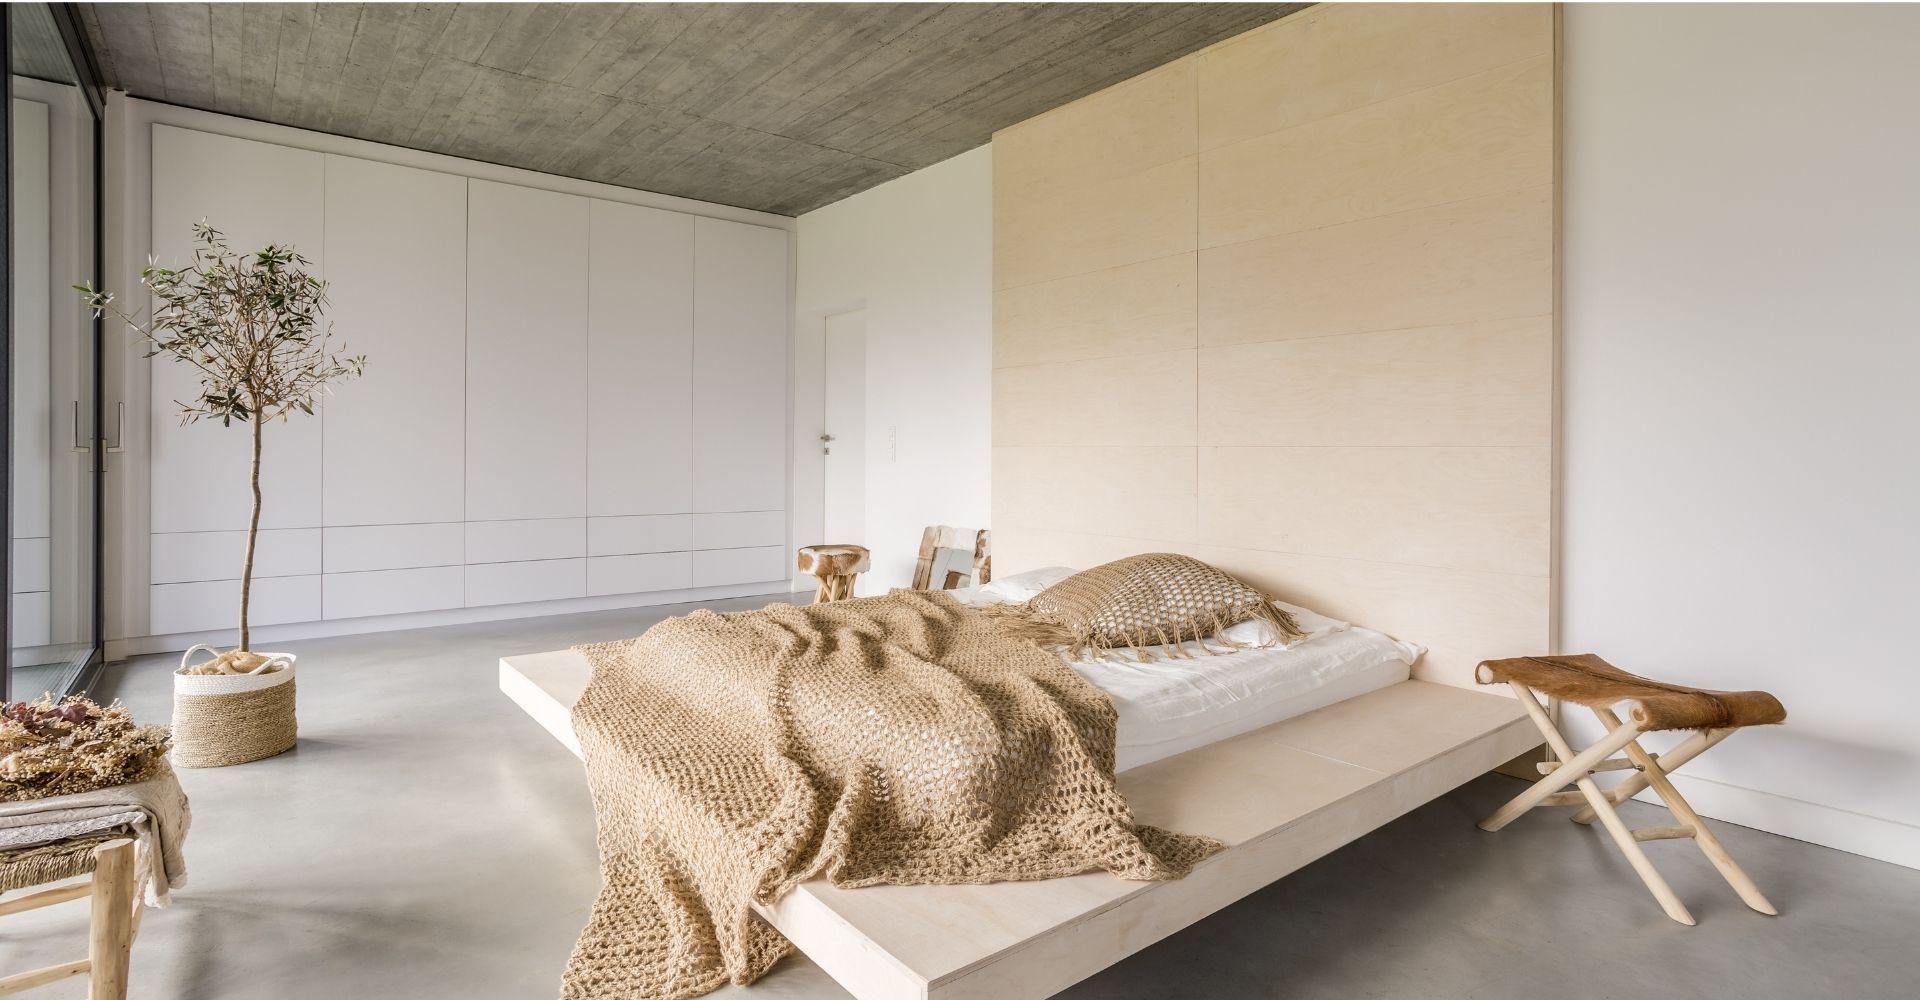 Betonvloer slaapkamer